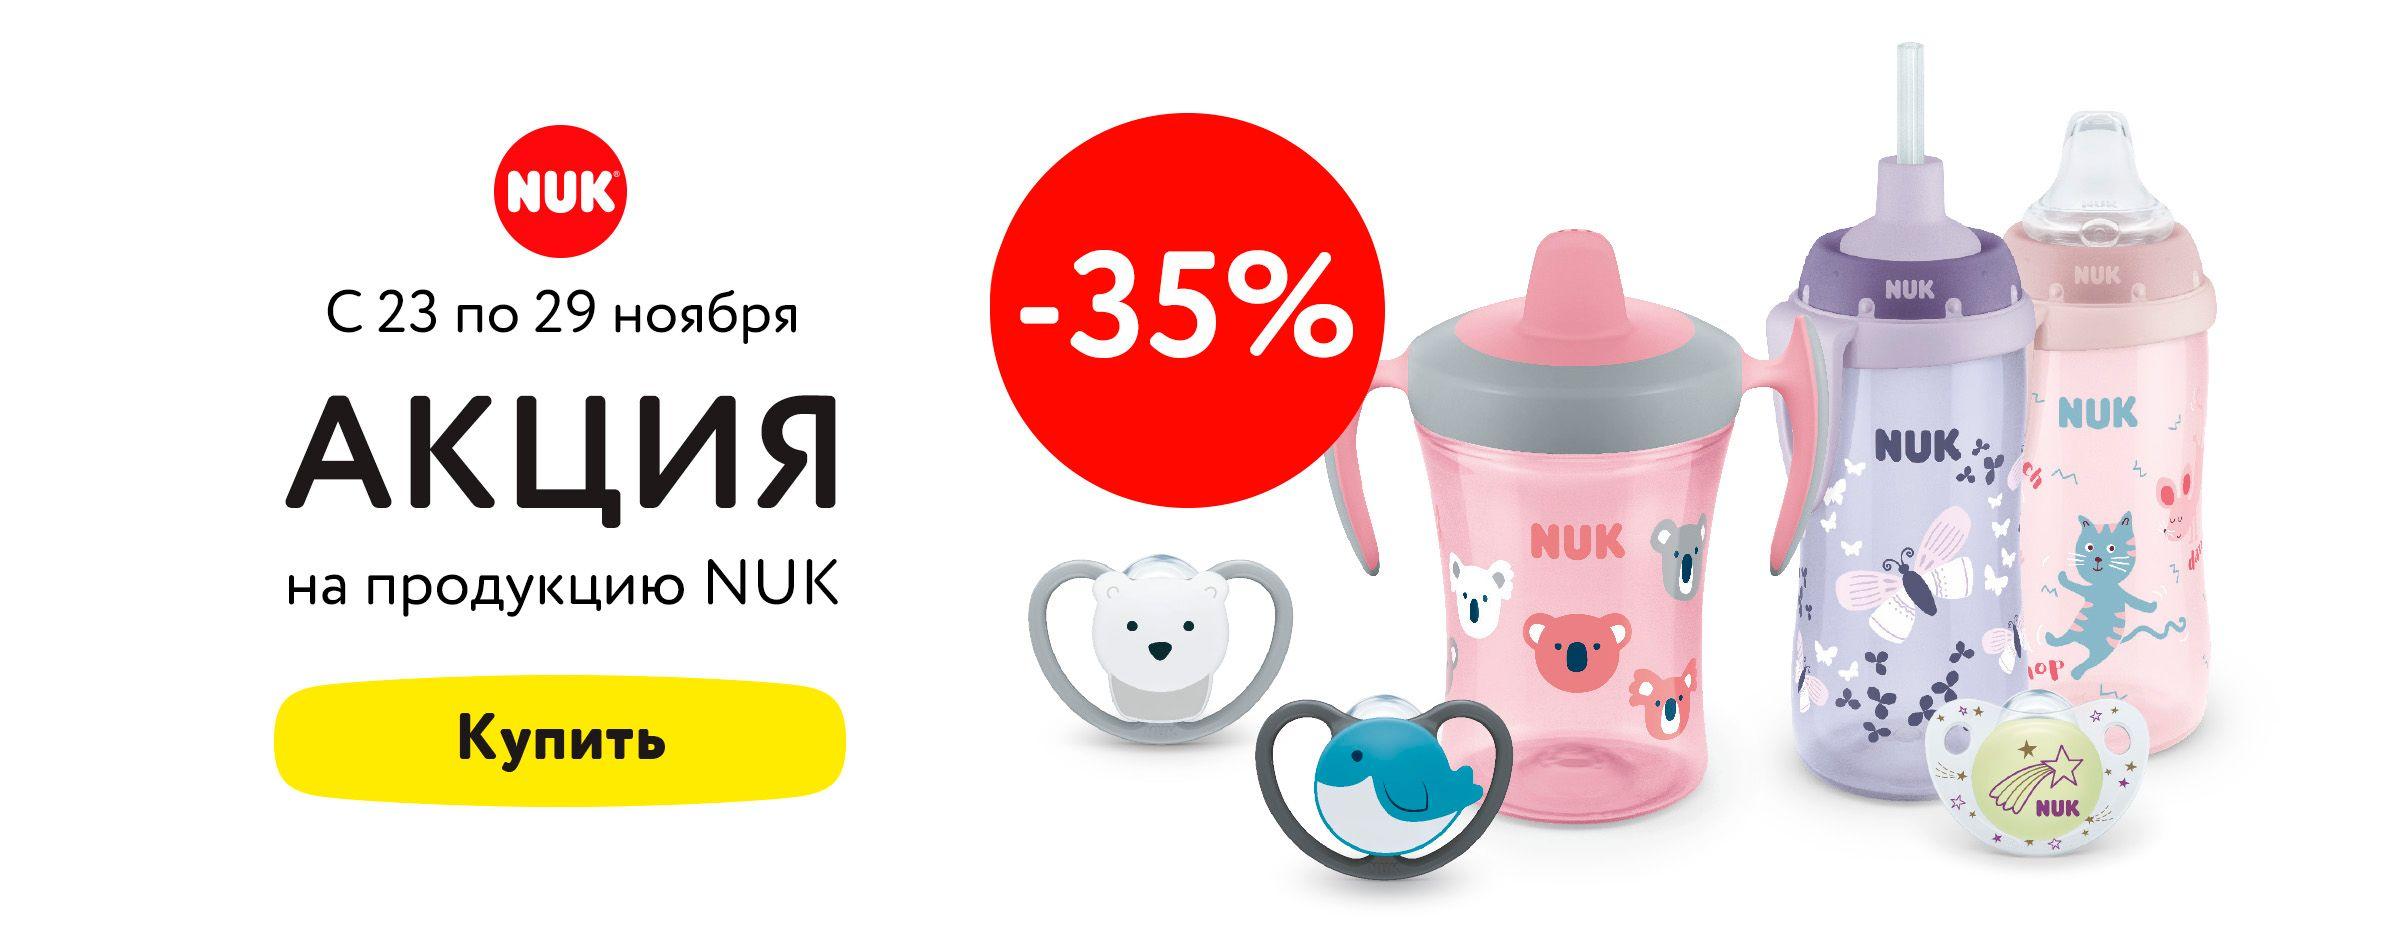 35% на NUK